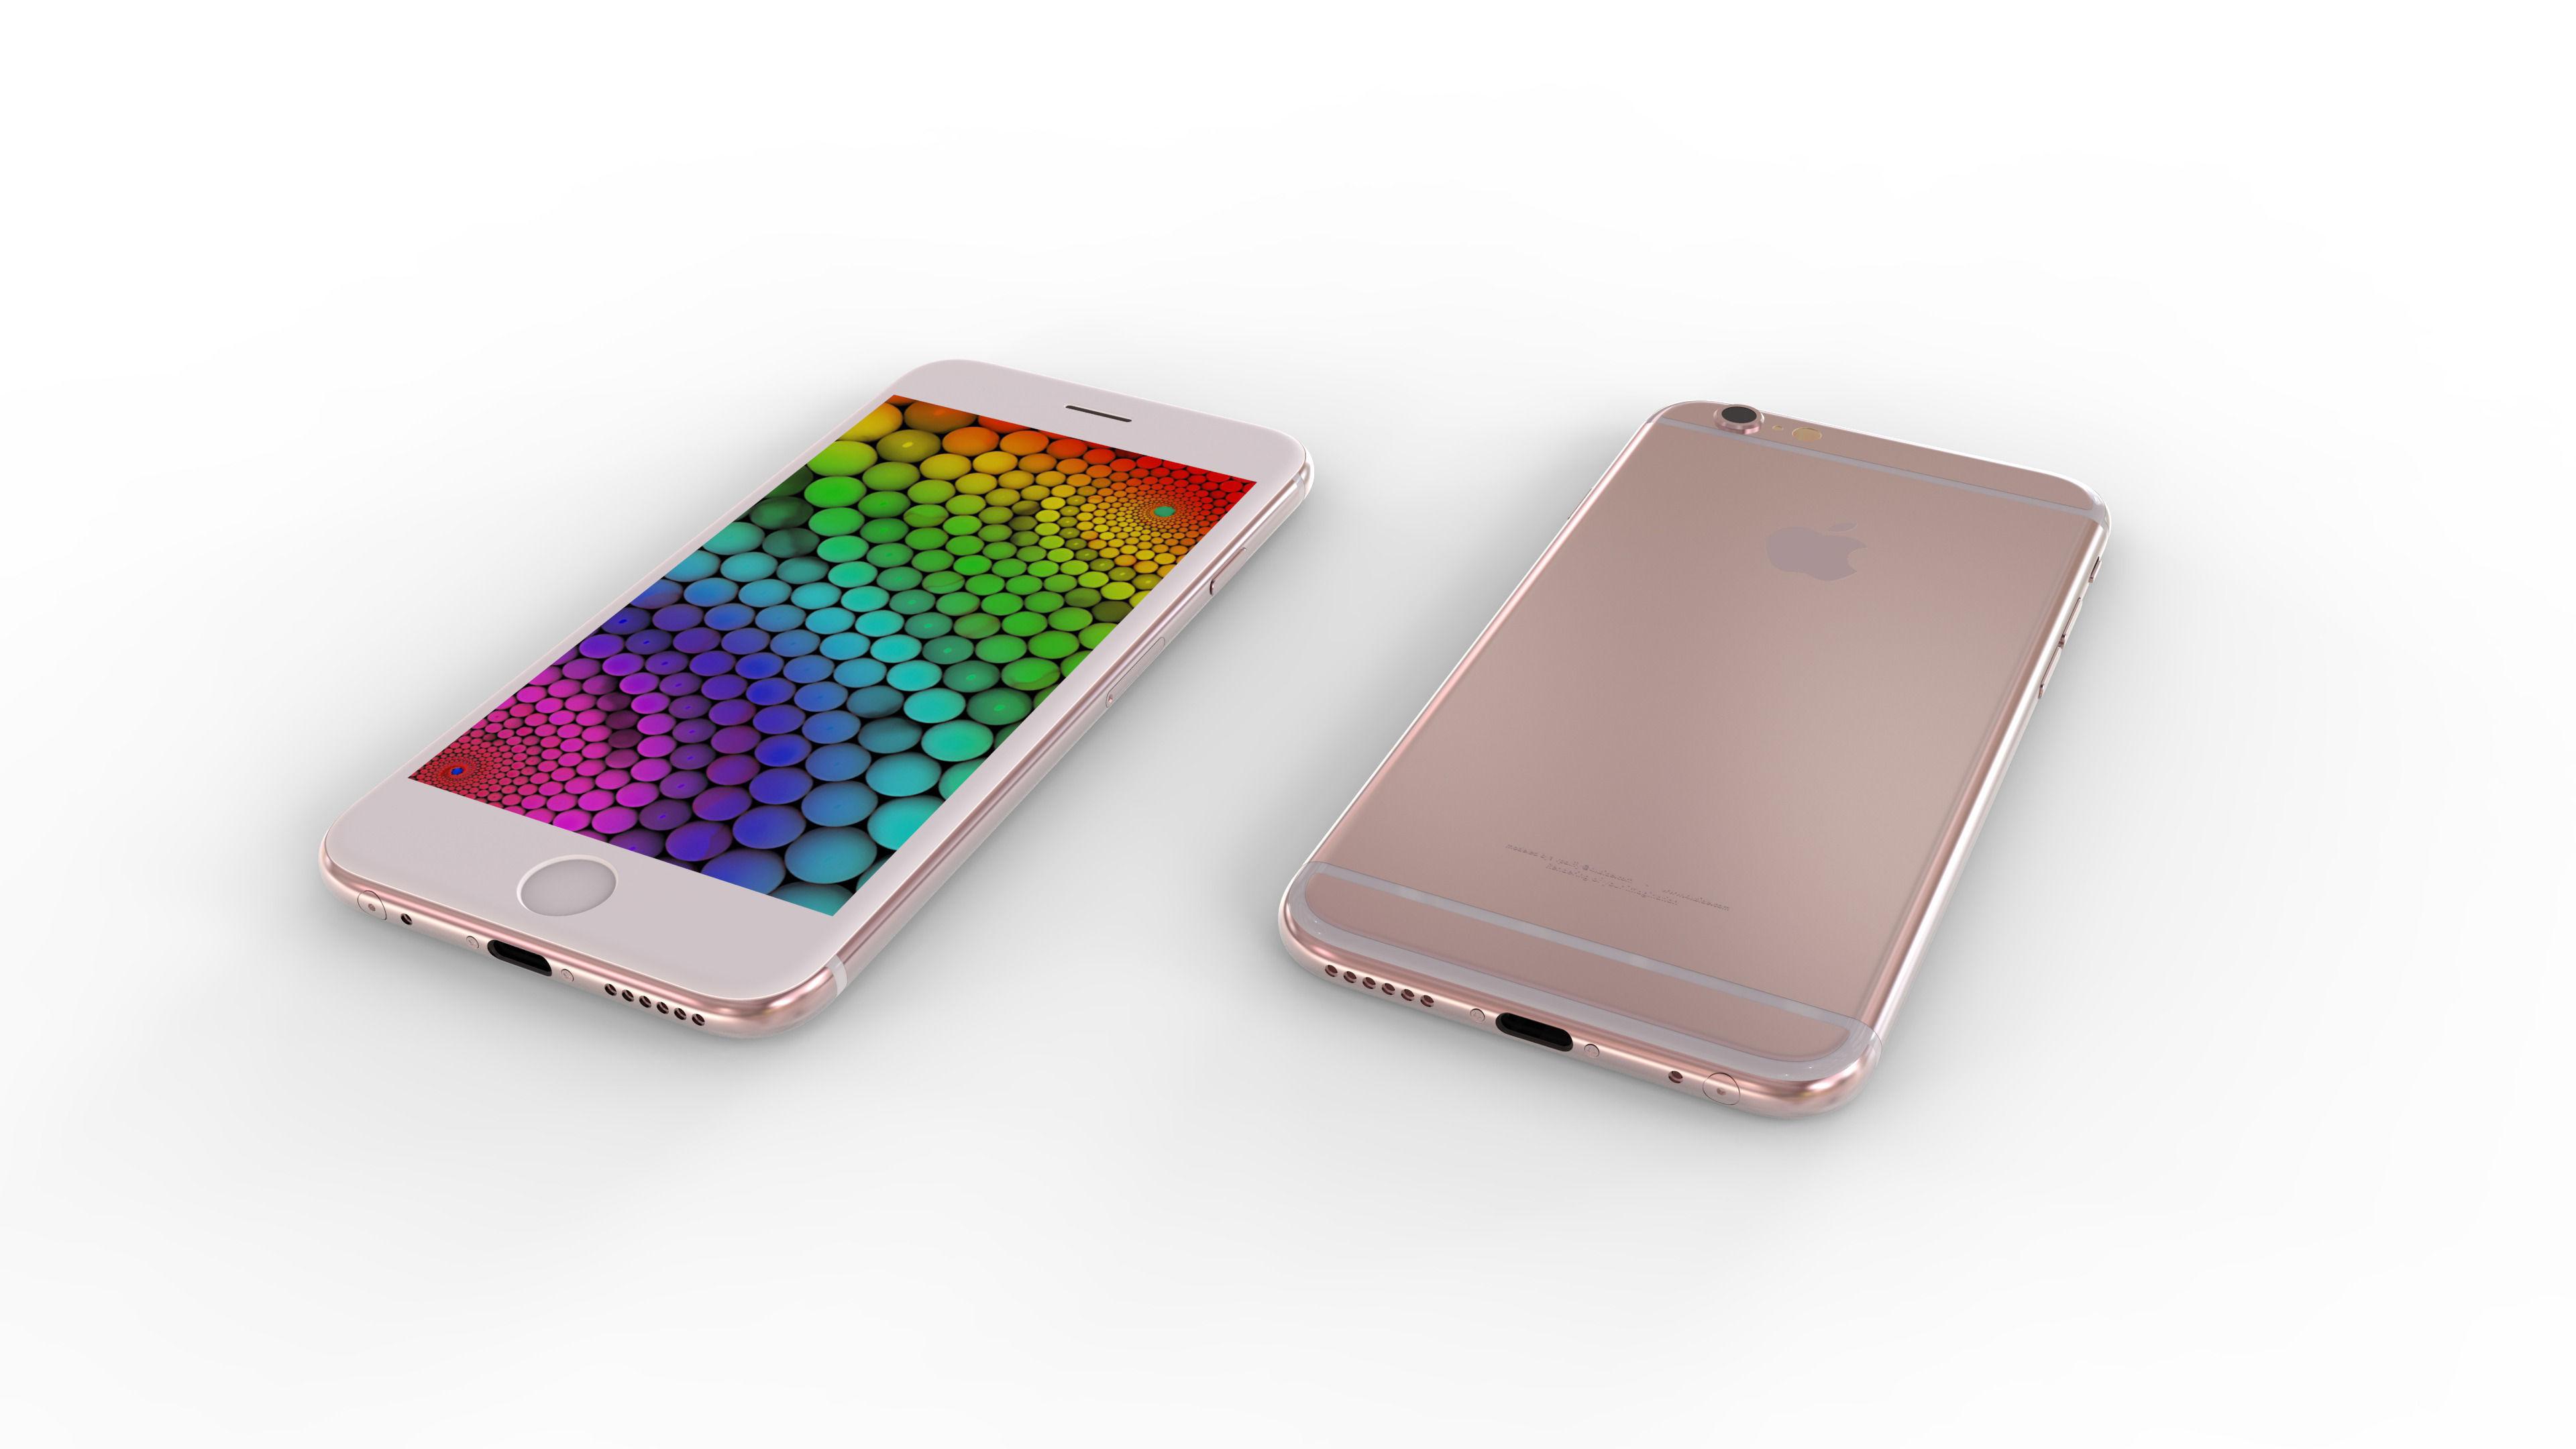 iPhone 6s - original dimensions